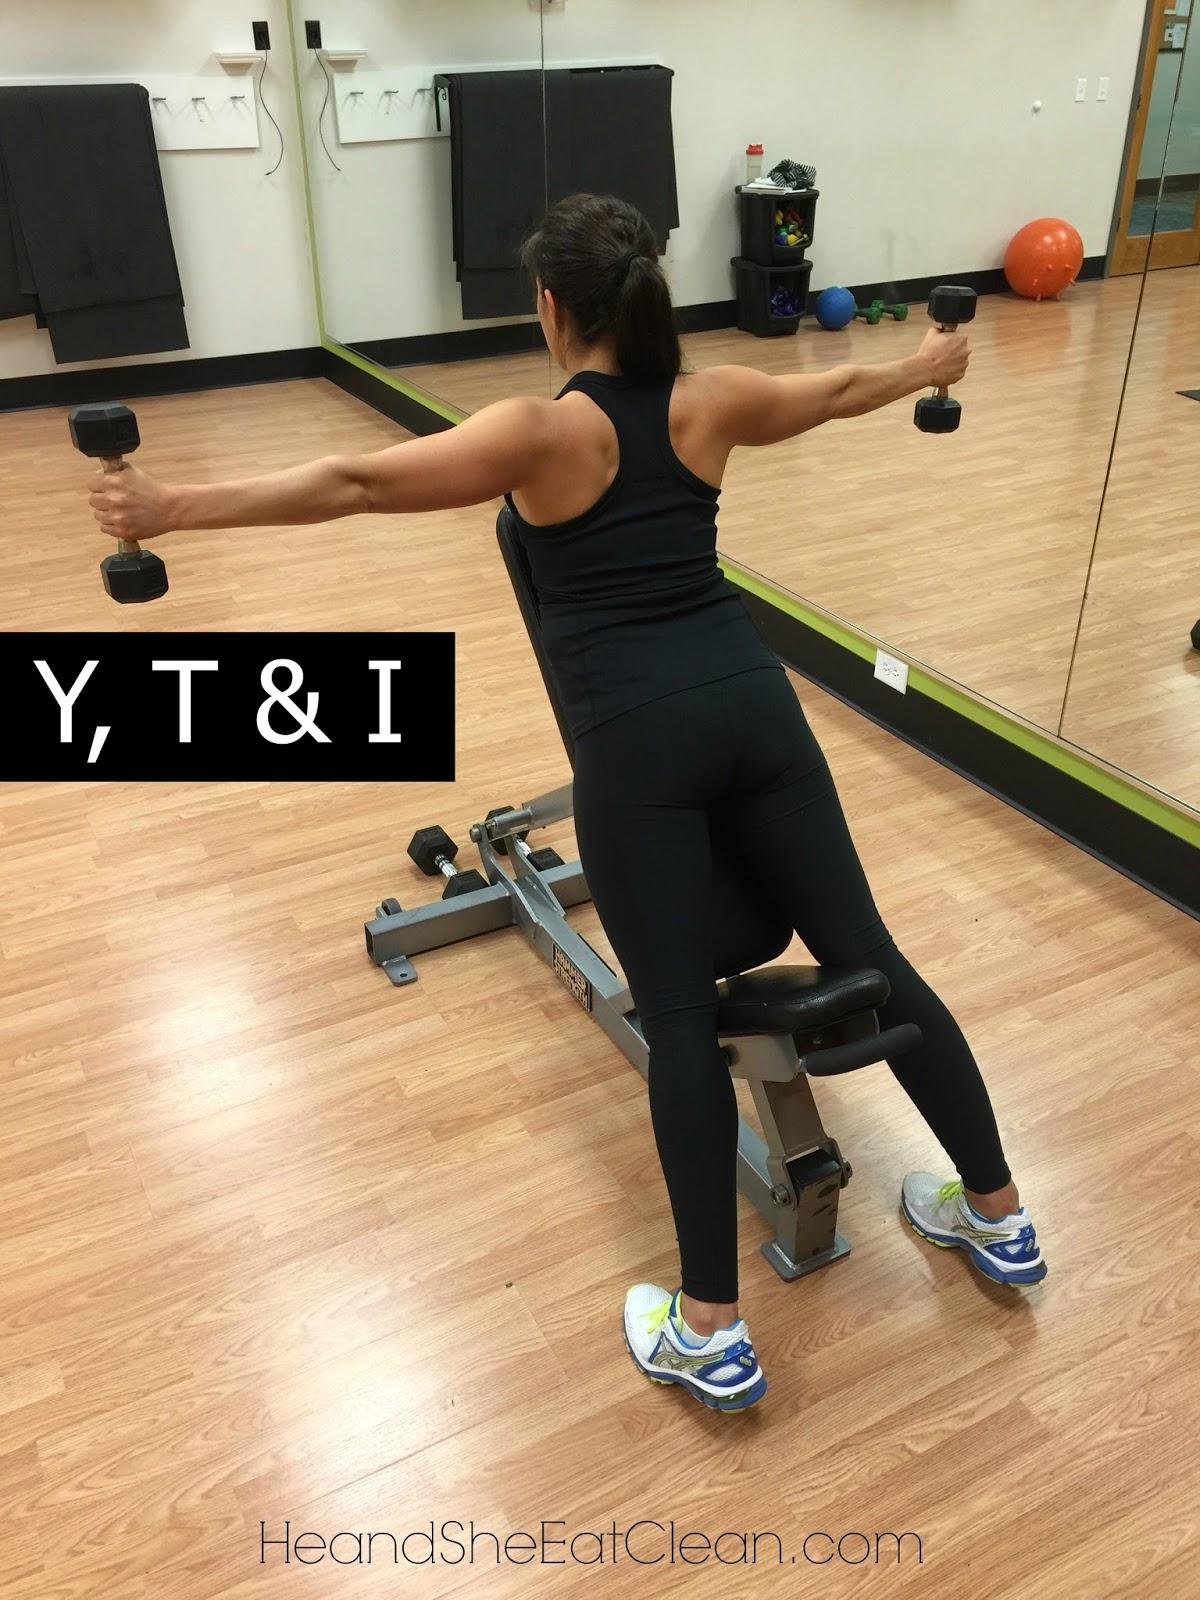 Y, T & I Shoulder Exercise